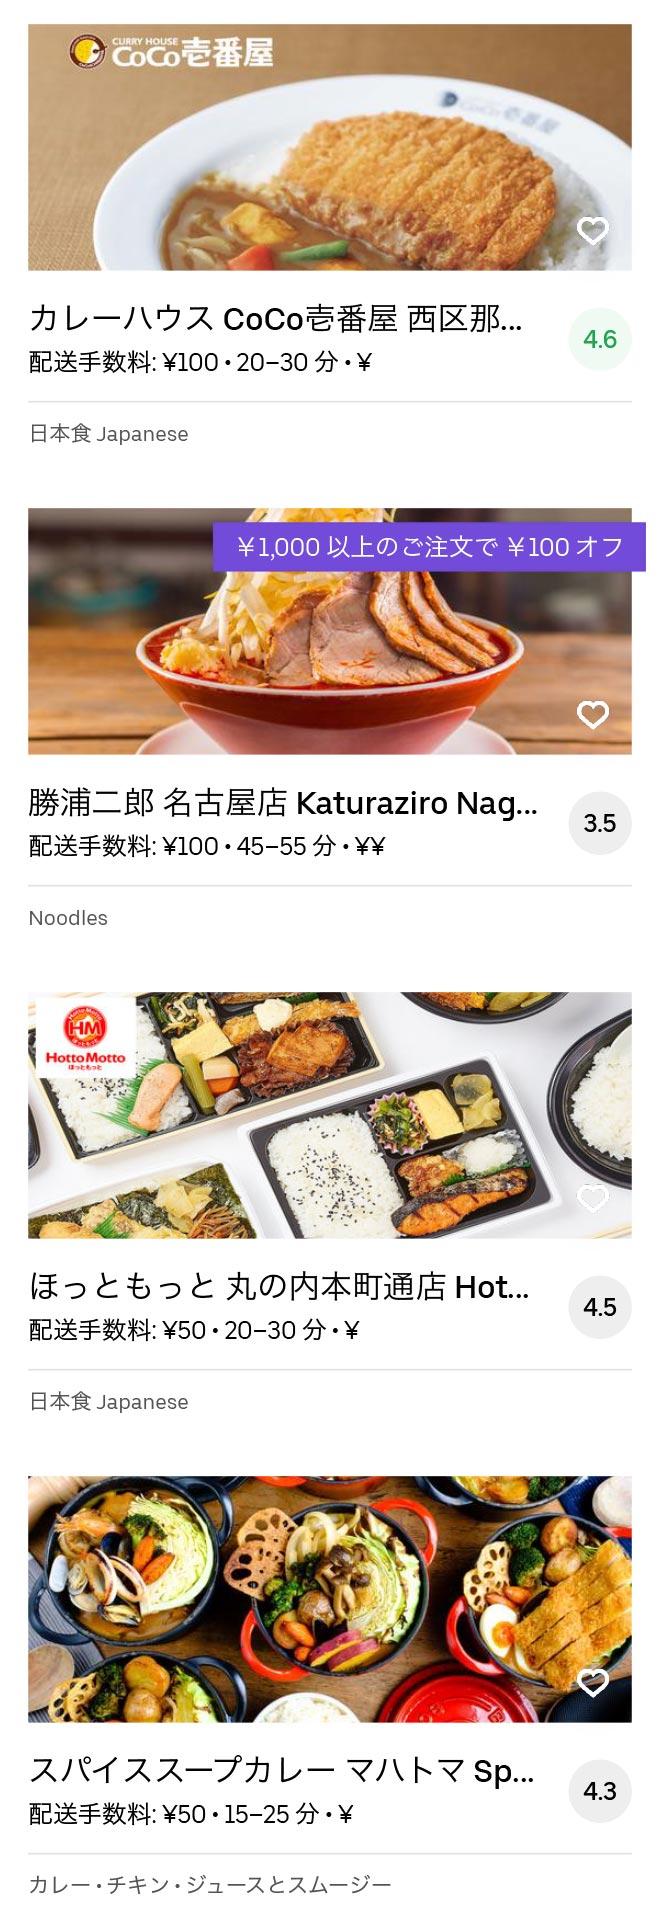 Nagoya sakae menu 2005 07